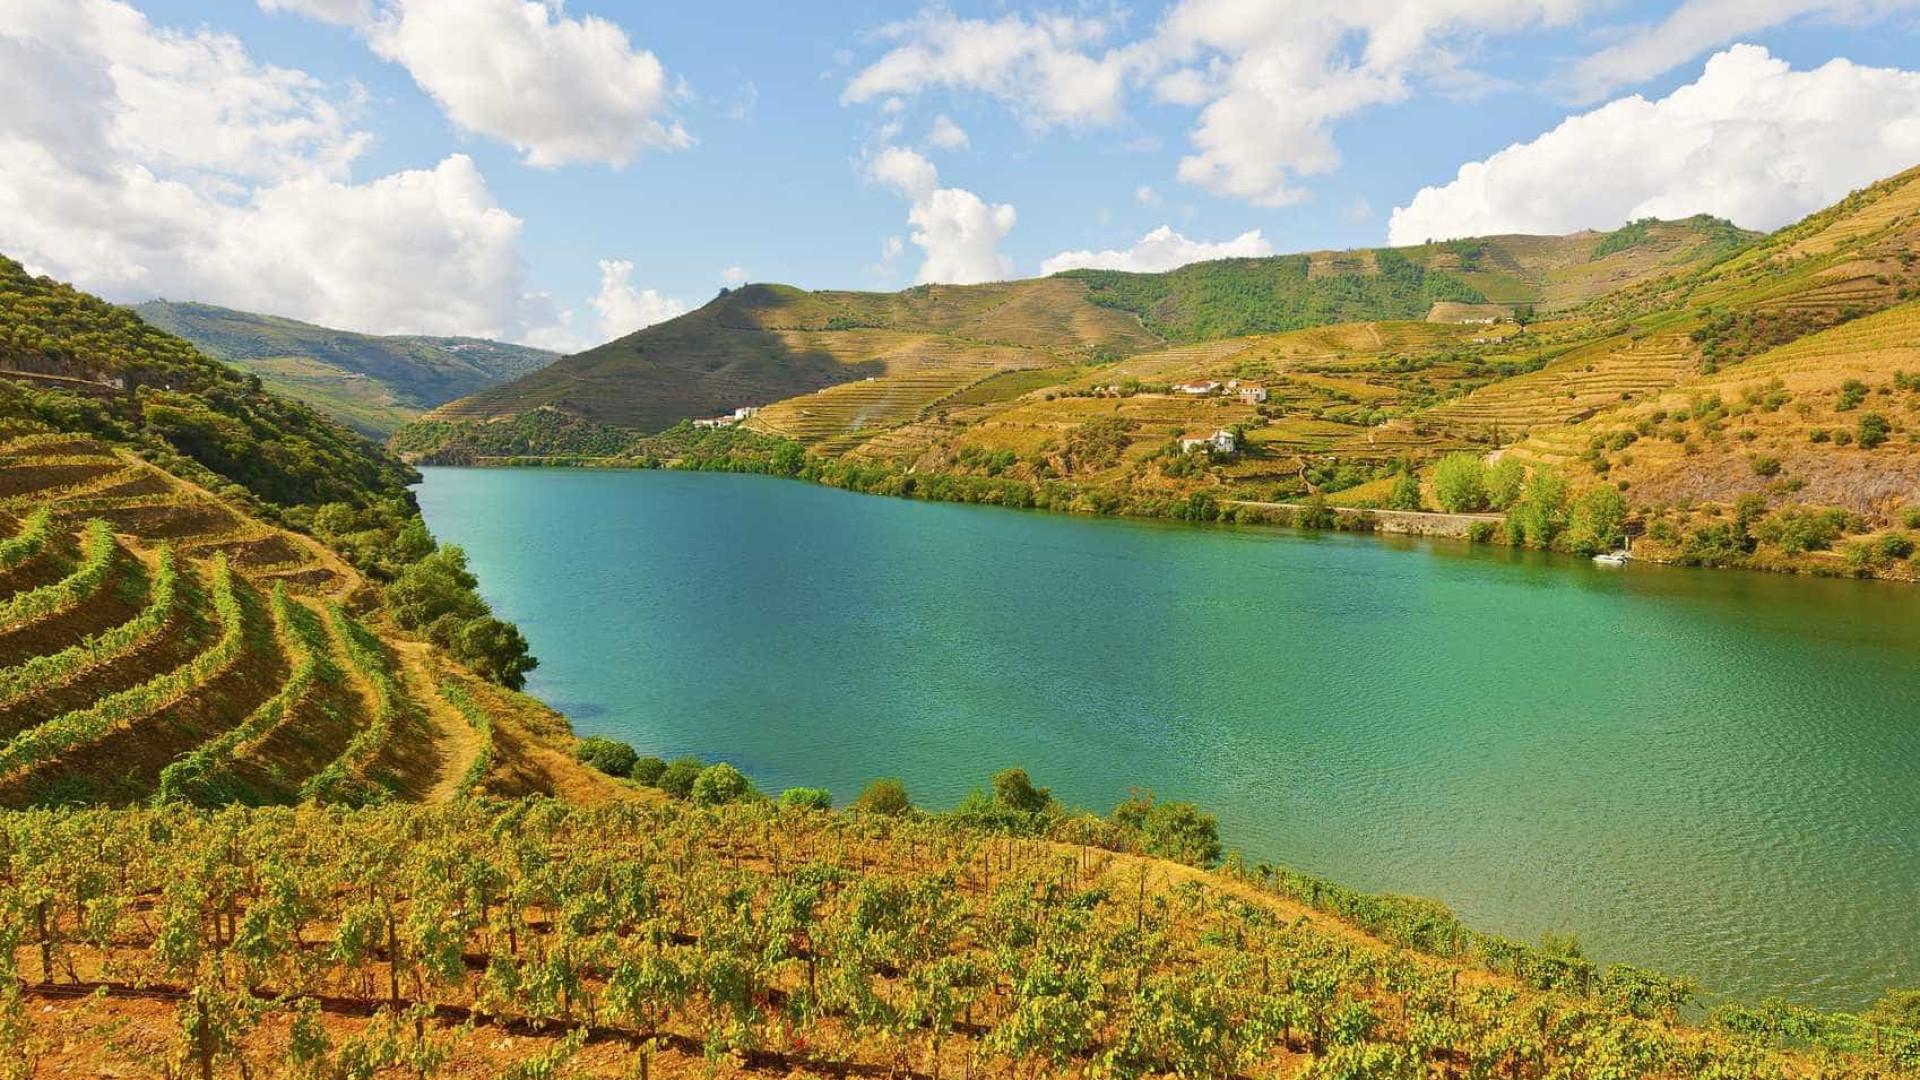 Vinhos do Douro e Trás-os-Montes à conquista do mercado americano